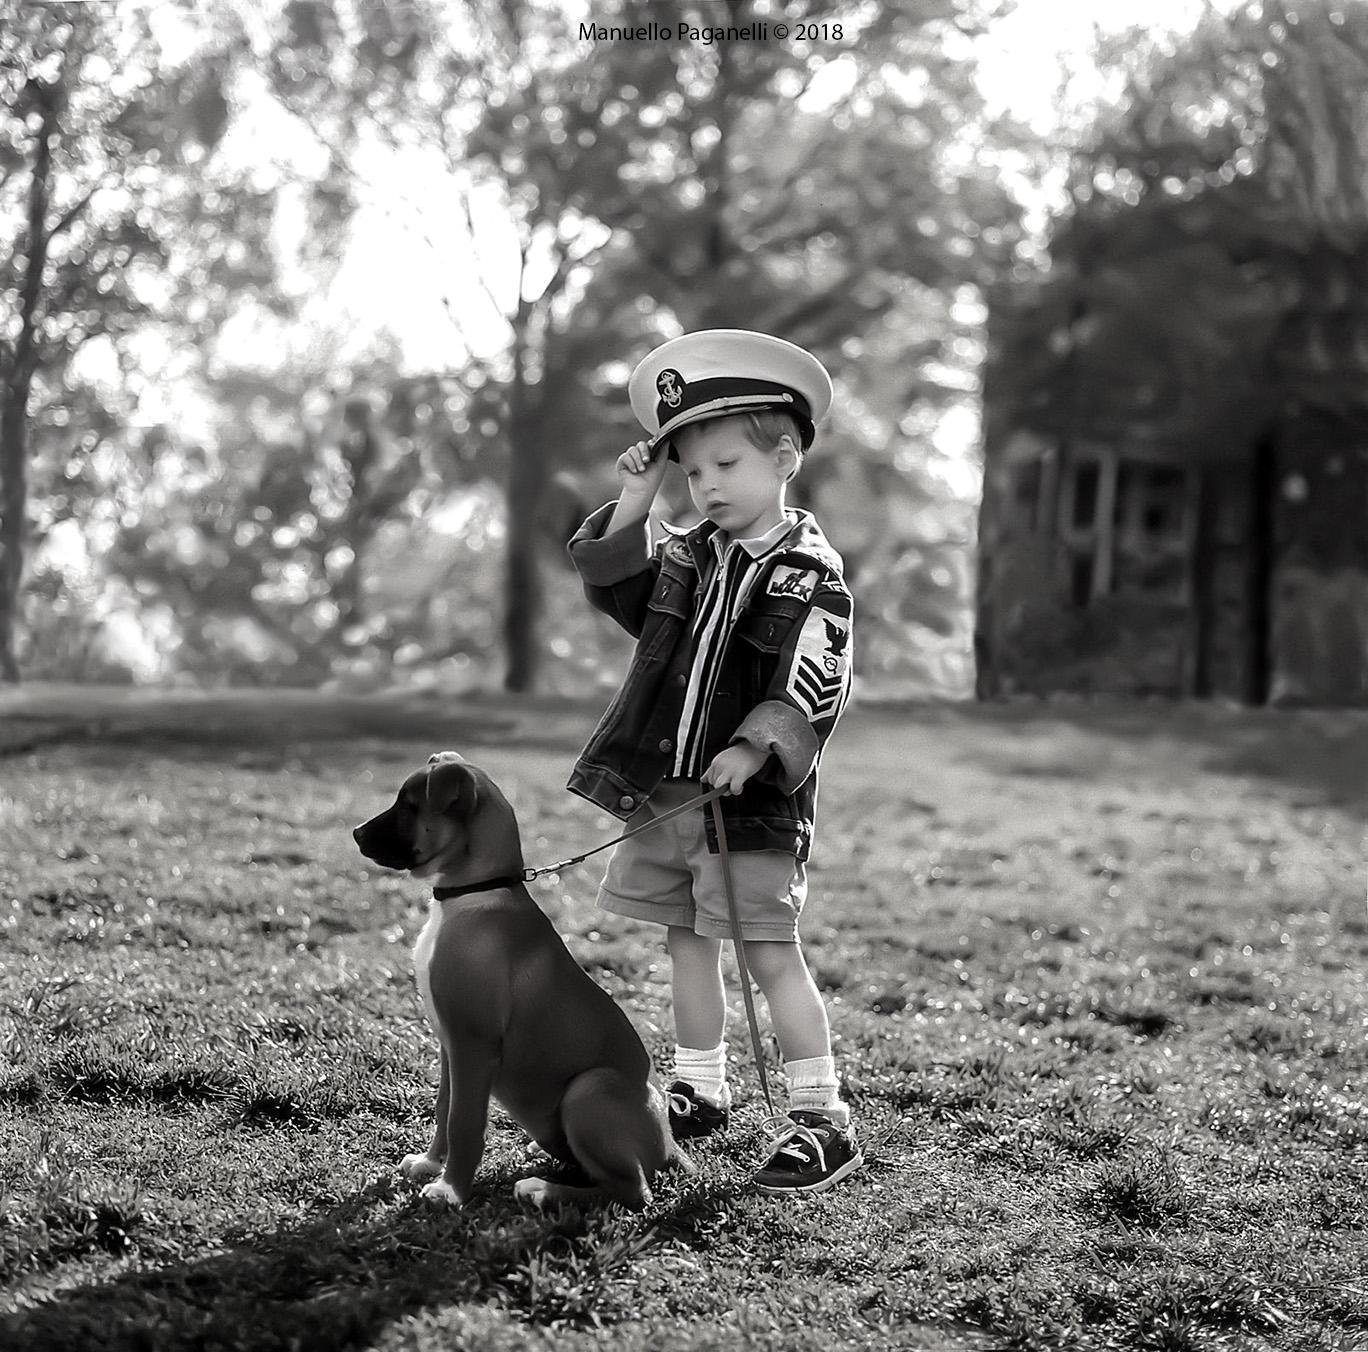 patriotic_boy_dog_MPaganelli_LR